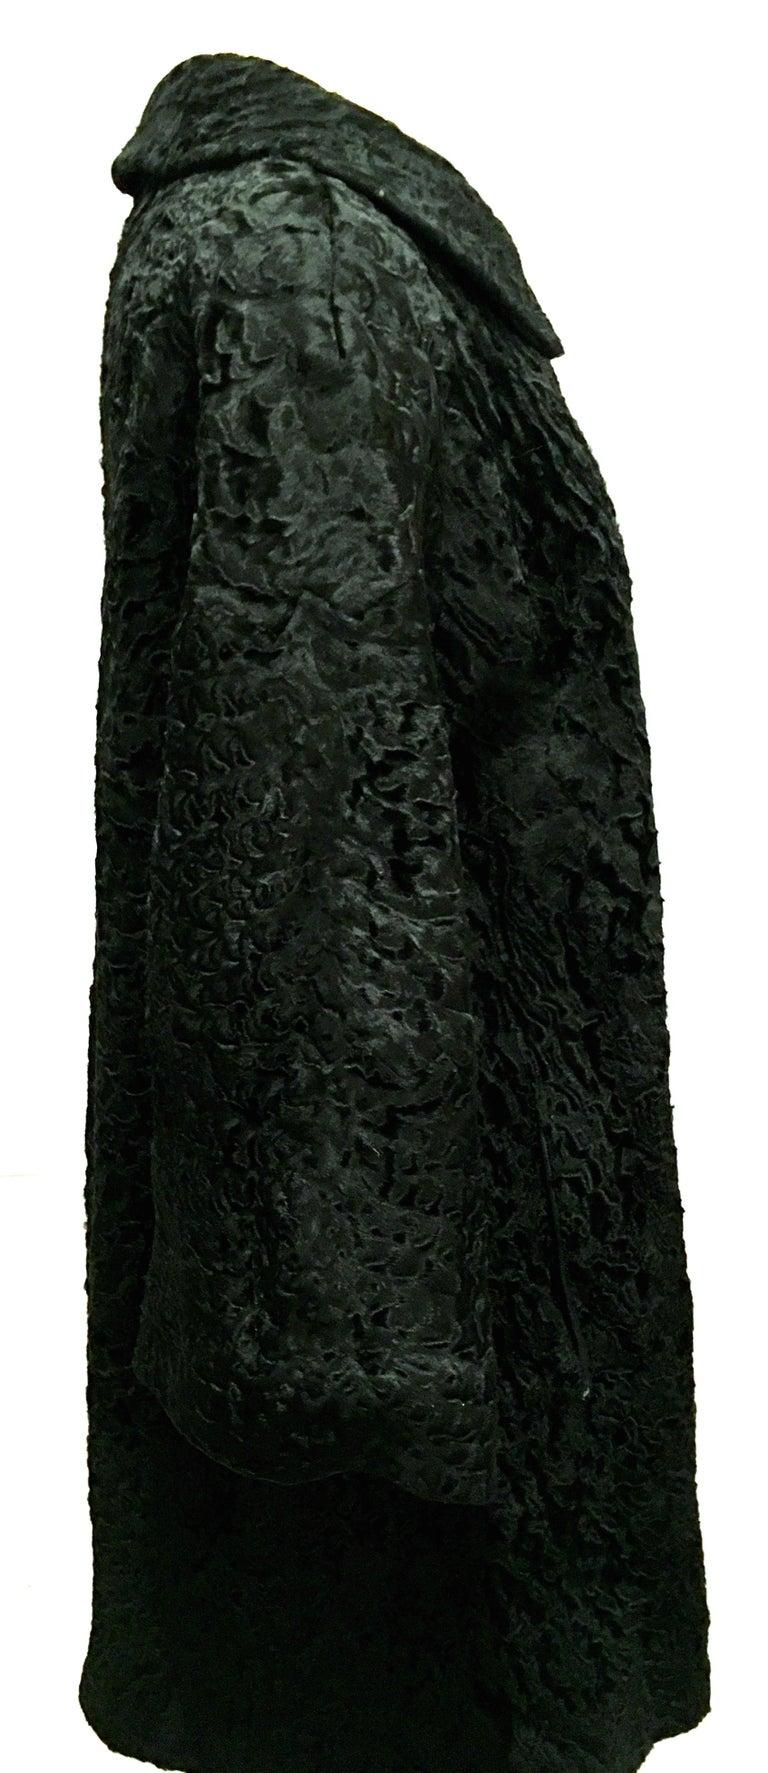 Women's or Men's 20th Century Sculptural Persian Jet Black Lamb Fur Swing Car Coat For Sale